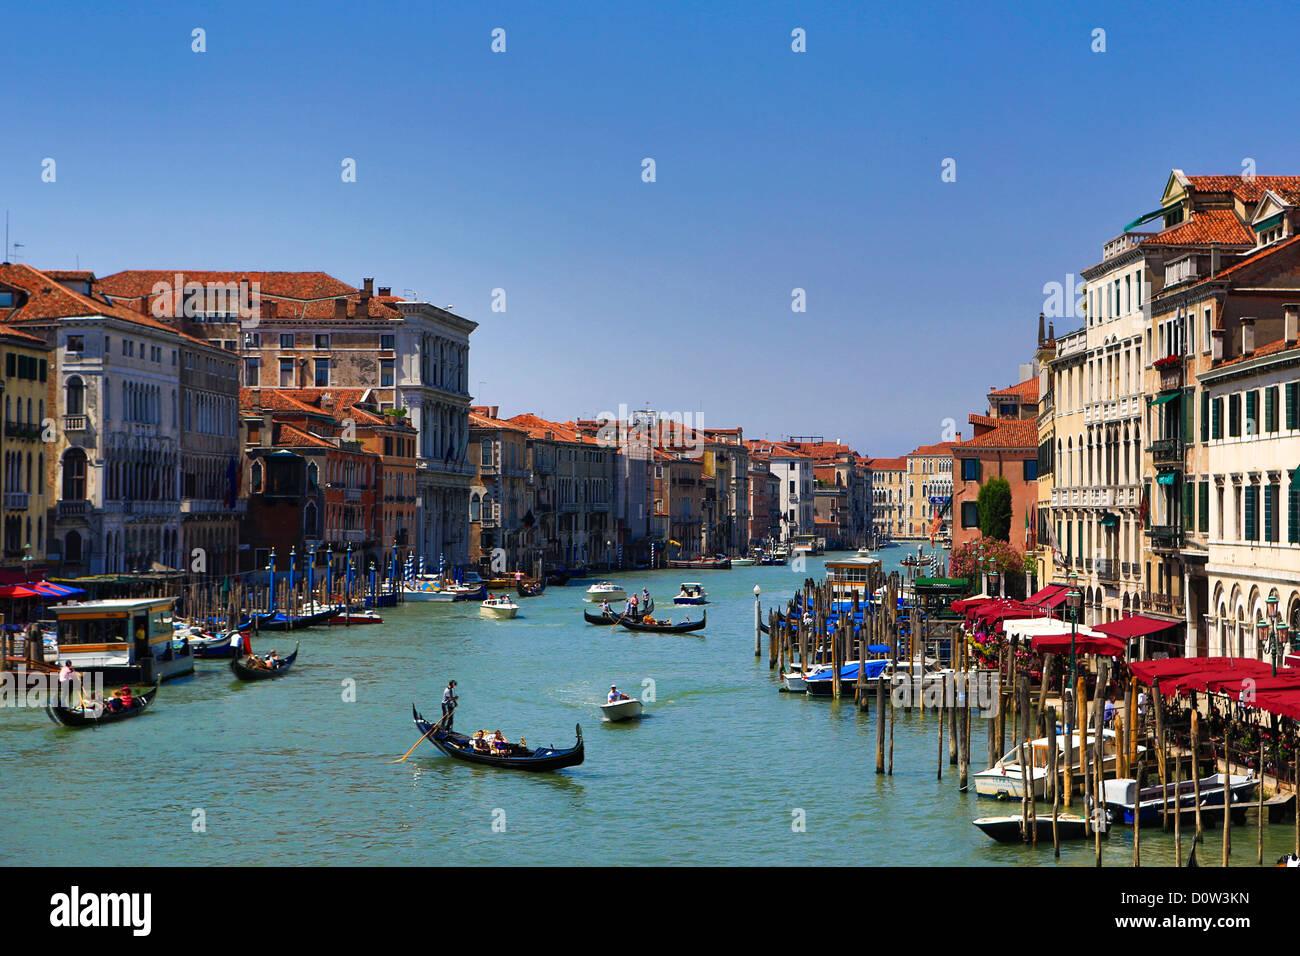 L'Italia, Europa, viaggi, Venezia Canal Grande, barche, gondola, turismo, Unesco, Immagini Stock